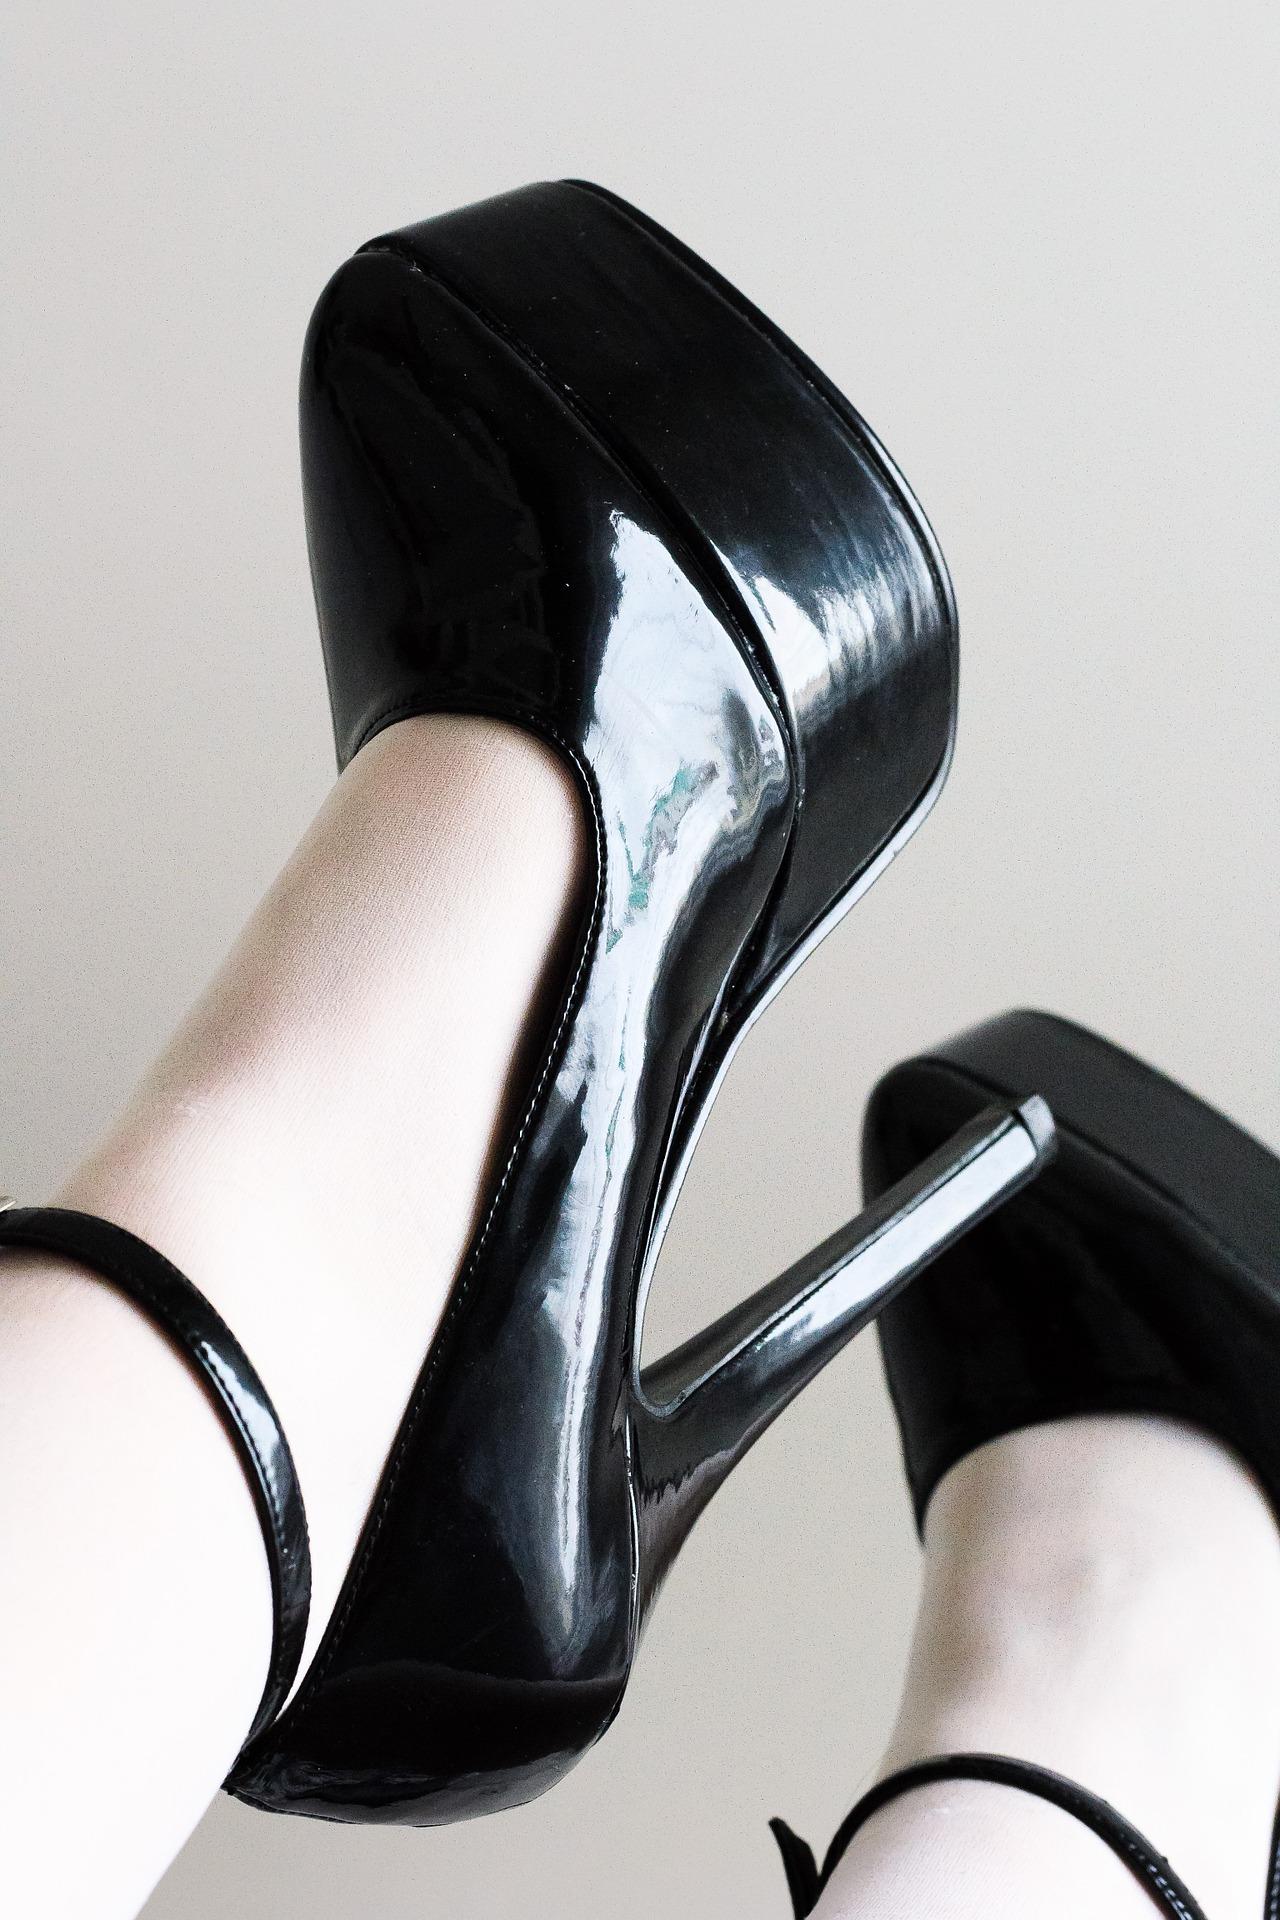 ヒール以外で使えそうなオフィス靴で腰痛、肩こりを予防。